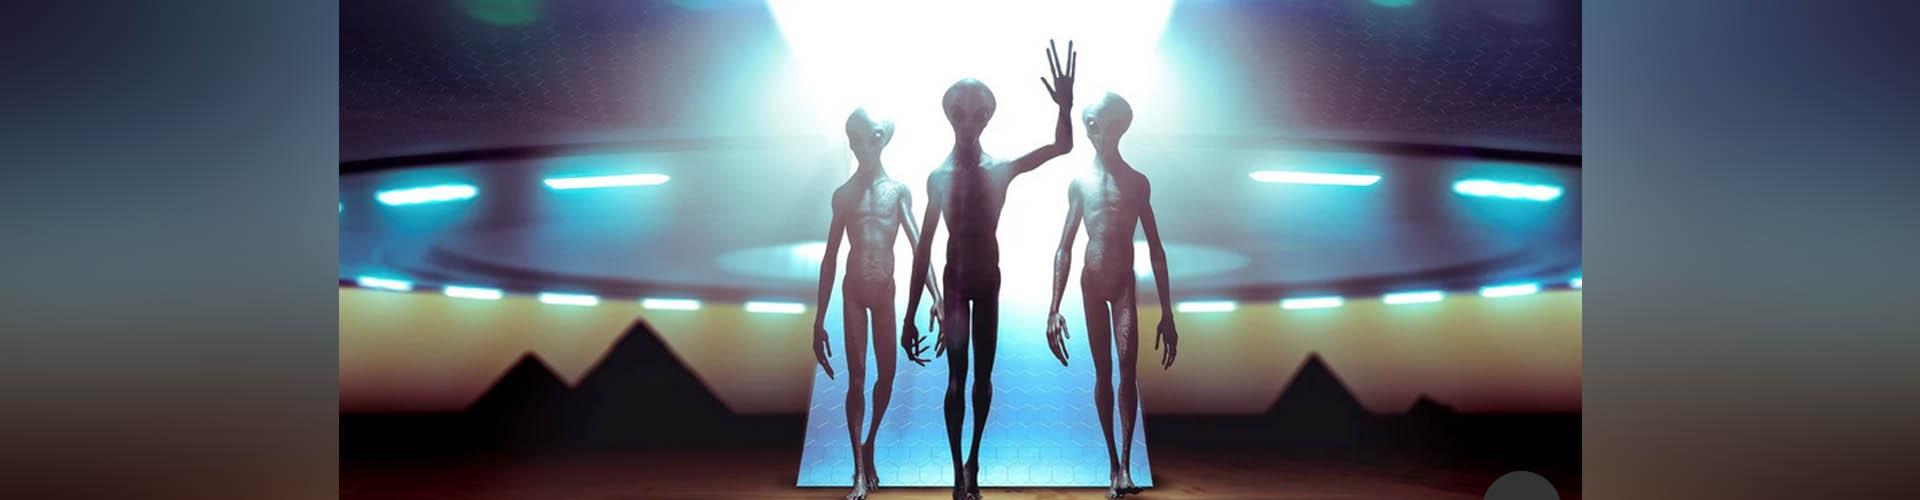 """¿Contacto extraterrestre?, canalizadores pleyadianos en YouTube: la """"nueva espiritualidad"""" que inunda las redes"""